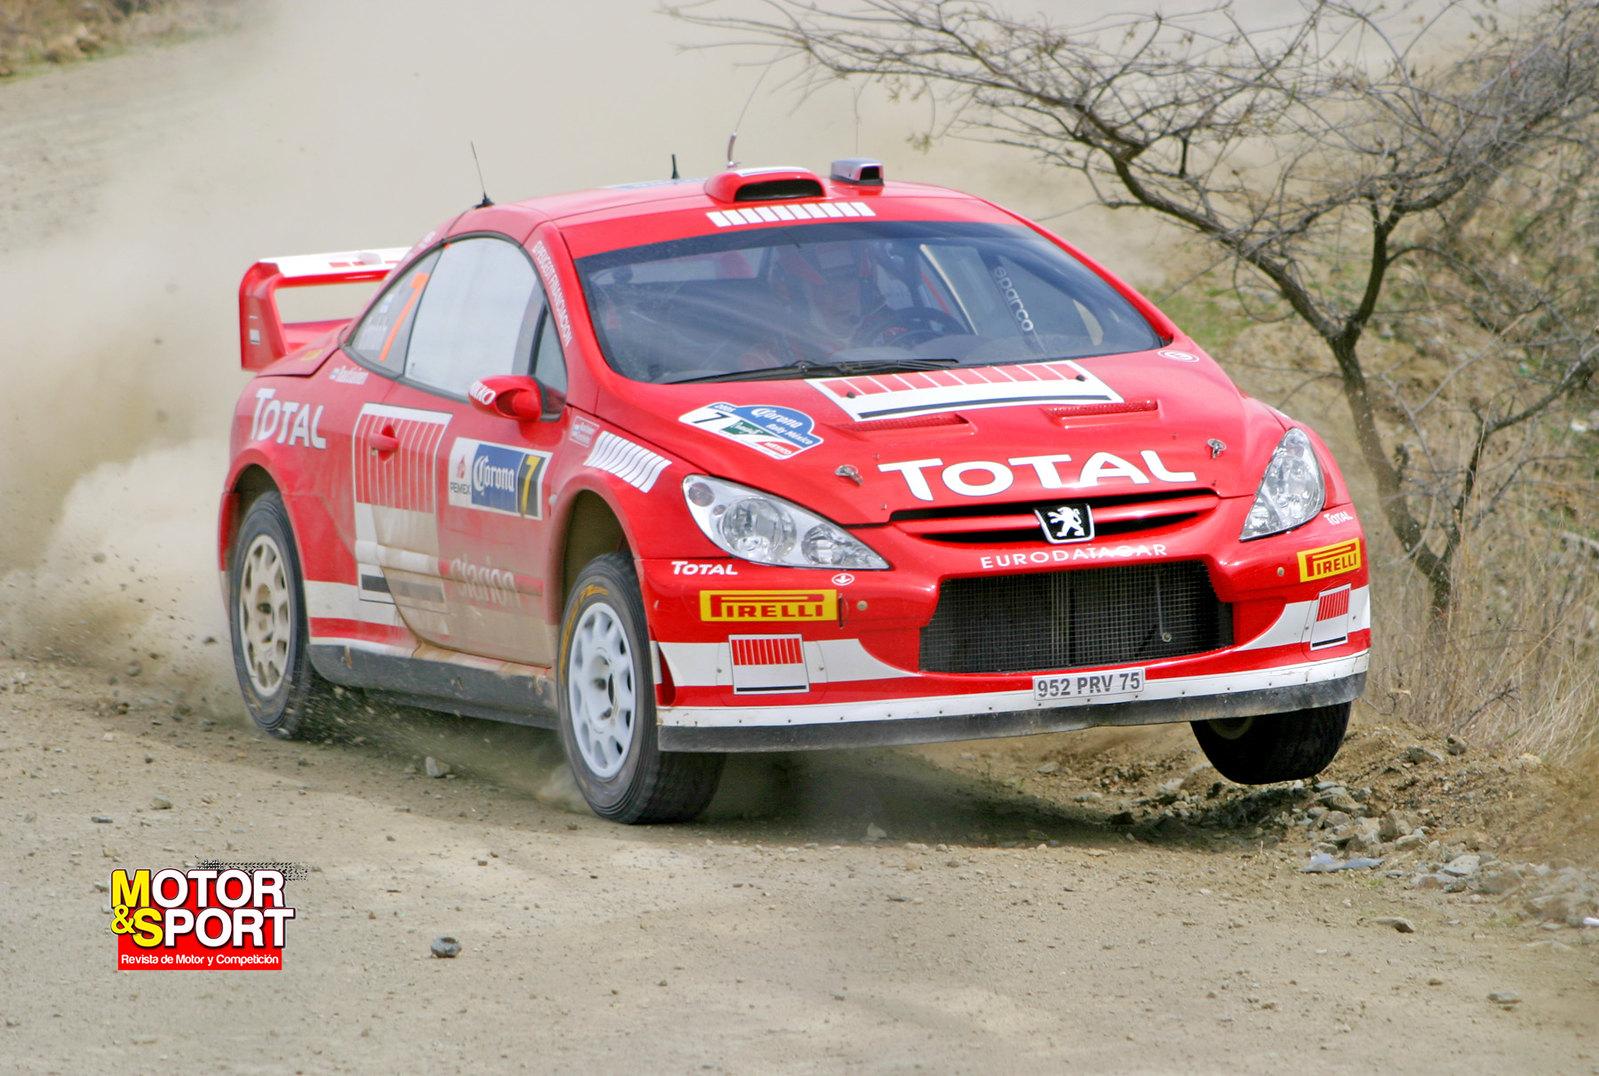 Rally Mexico 2005 15993506237_c11a6193d3_h